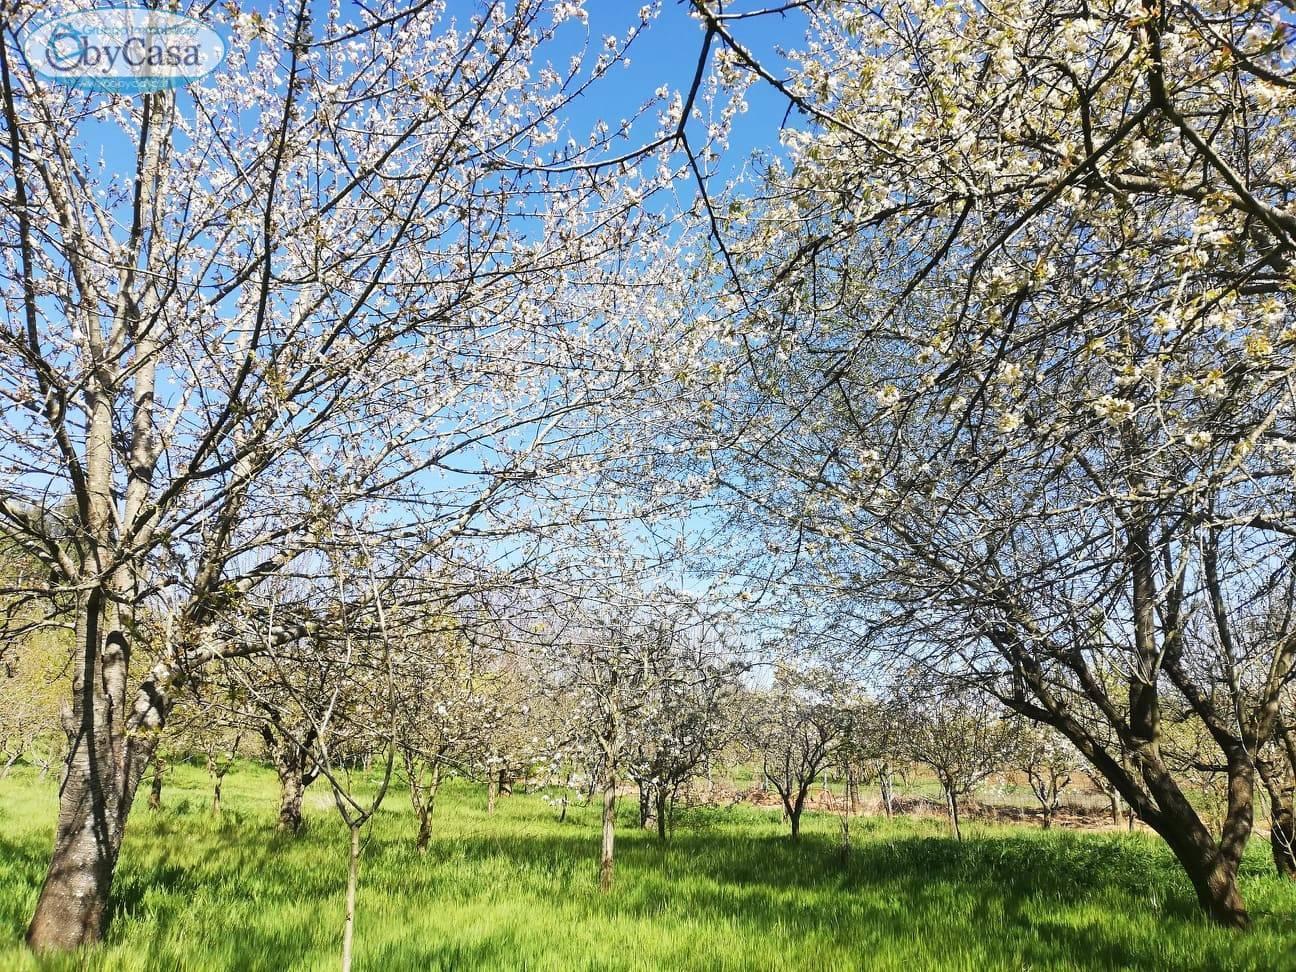 Terreno Agricolo in vendita a Bassano Romano, 9999 locali, zona Località: bassanoromano, prezzo € 88.000   CambioCasa.it